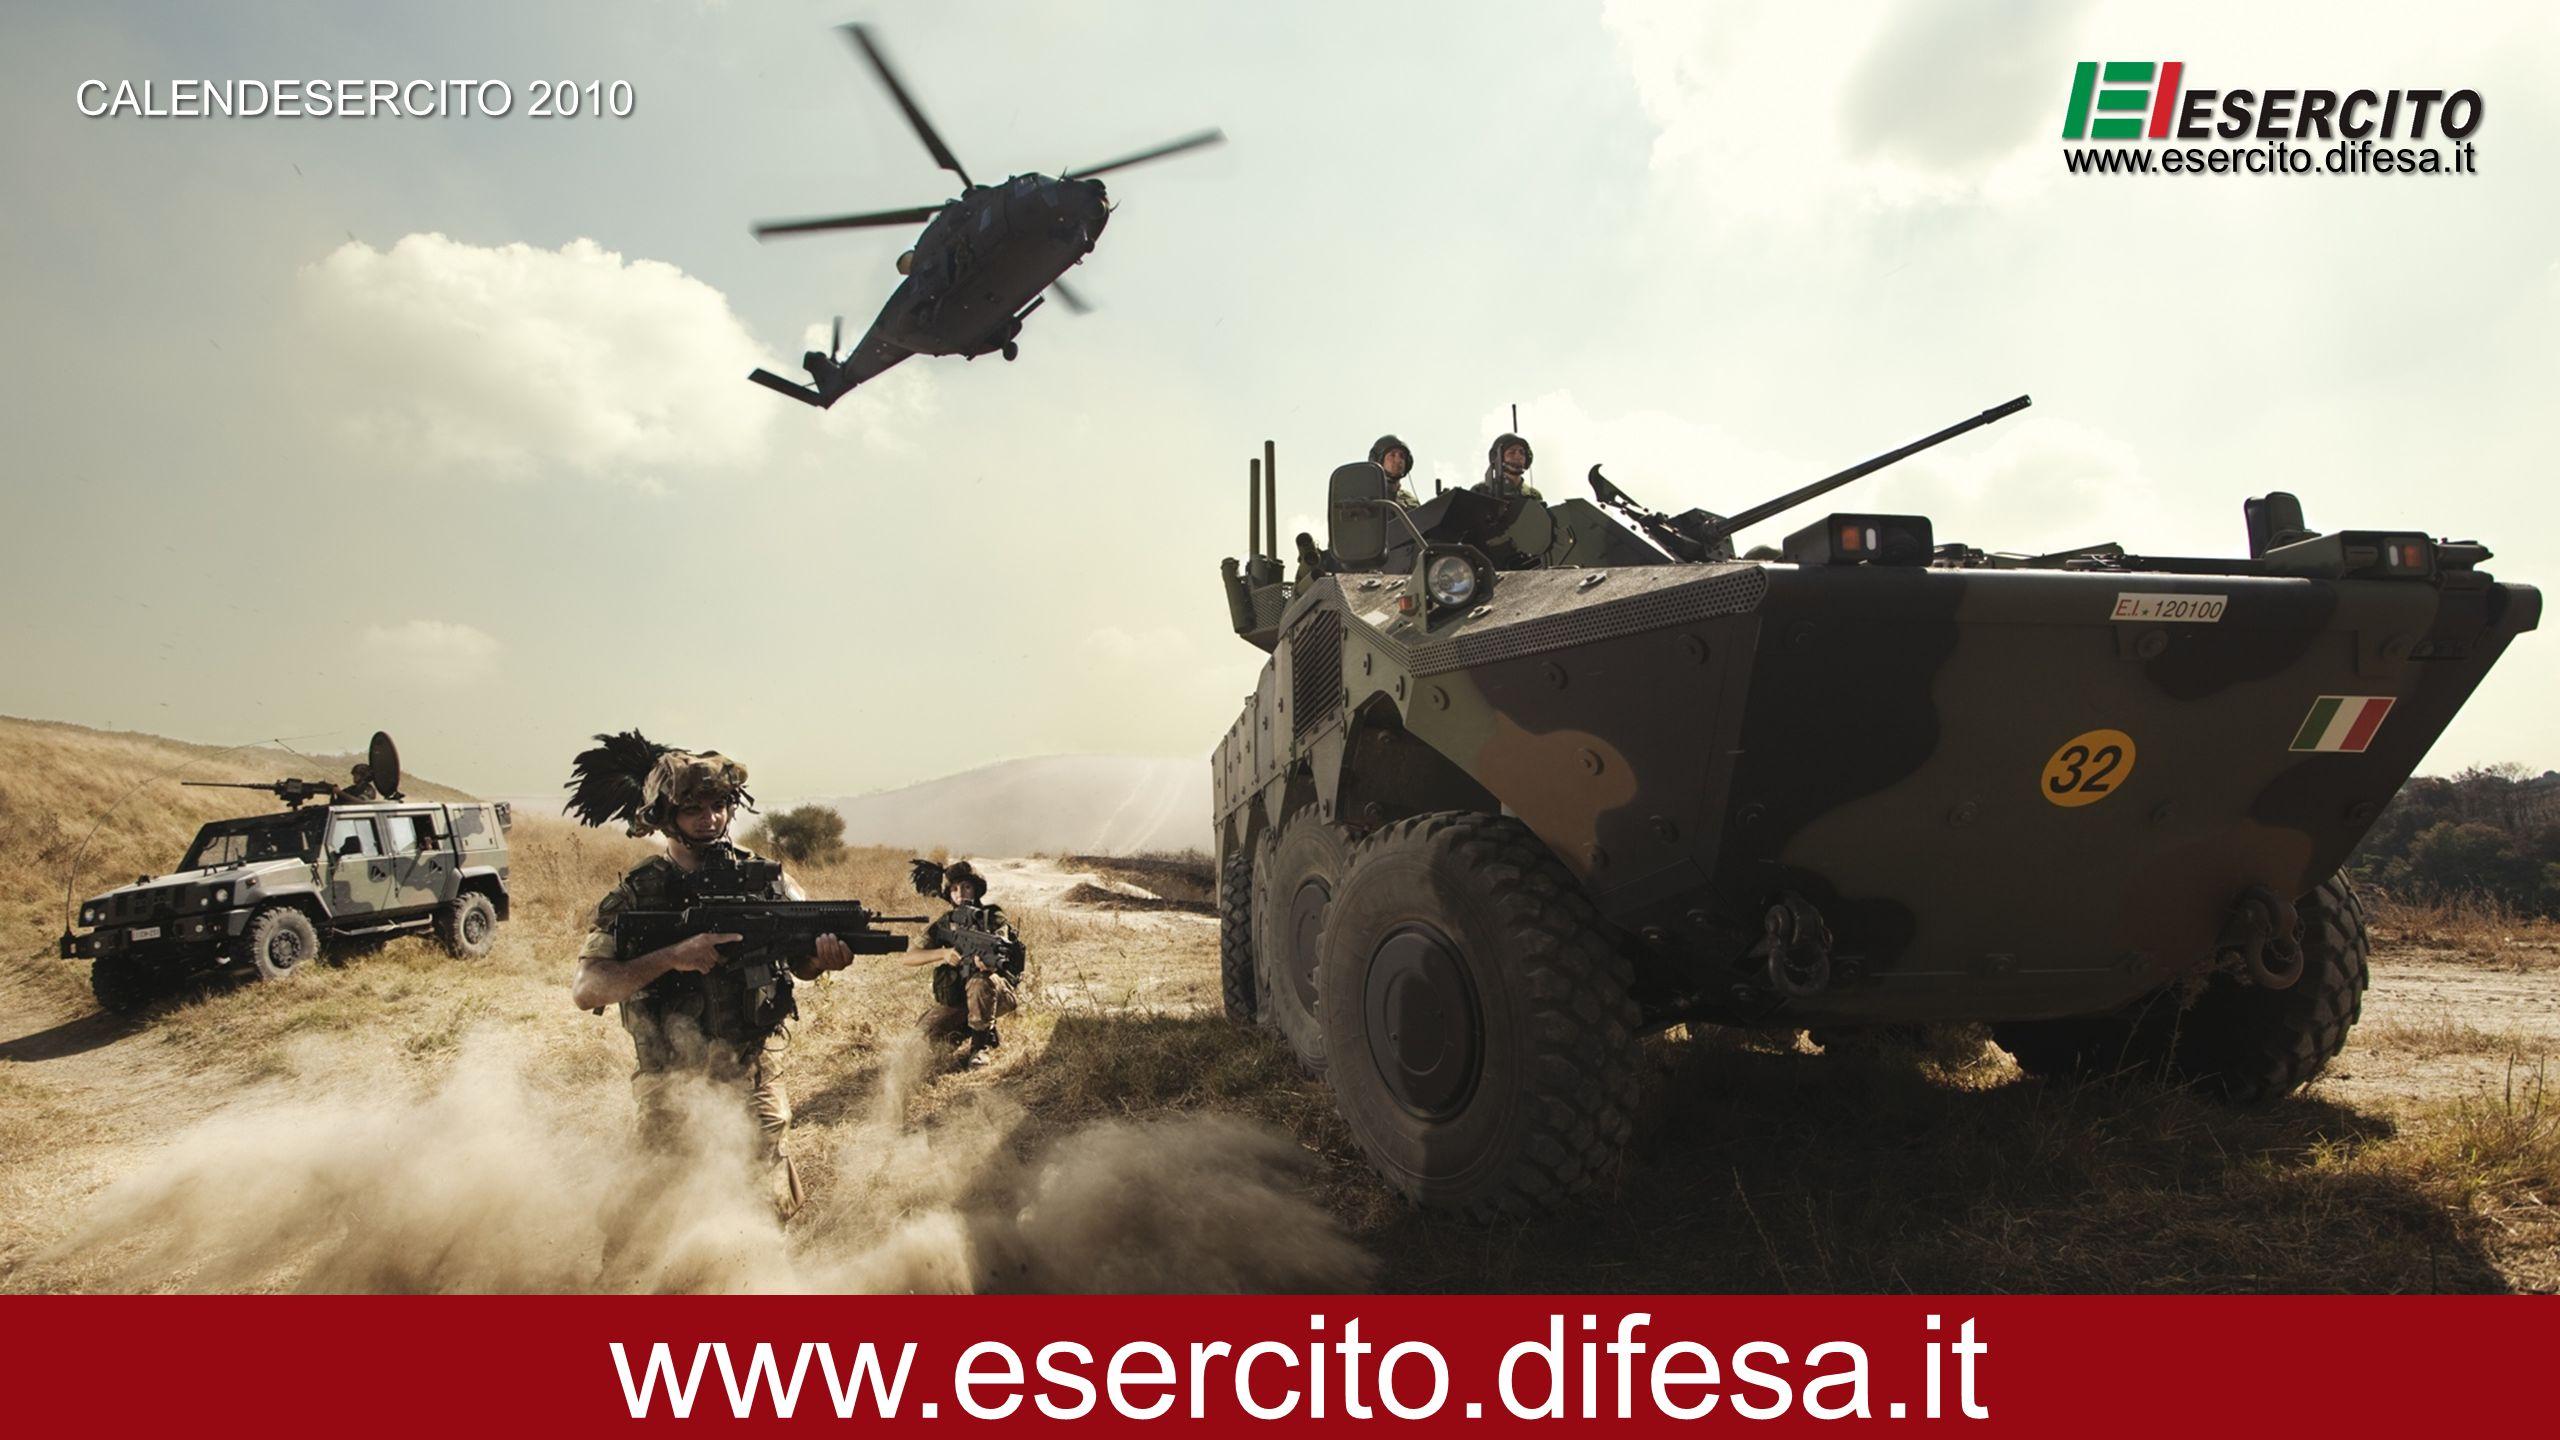 CALENDESERCITO 2010 www.esercito.difesa.it www.esercito.difesa.it